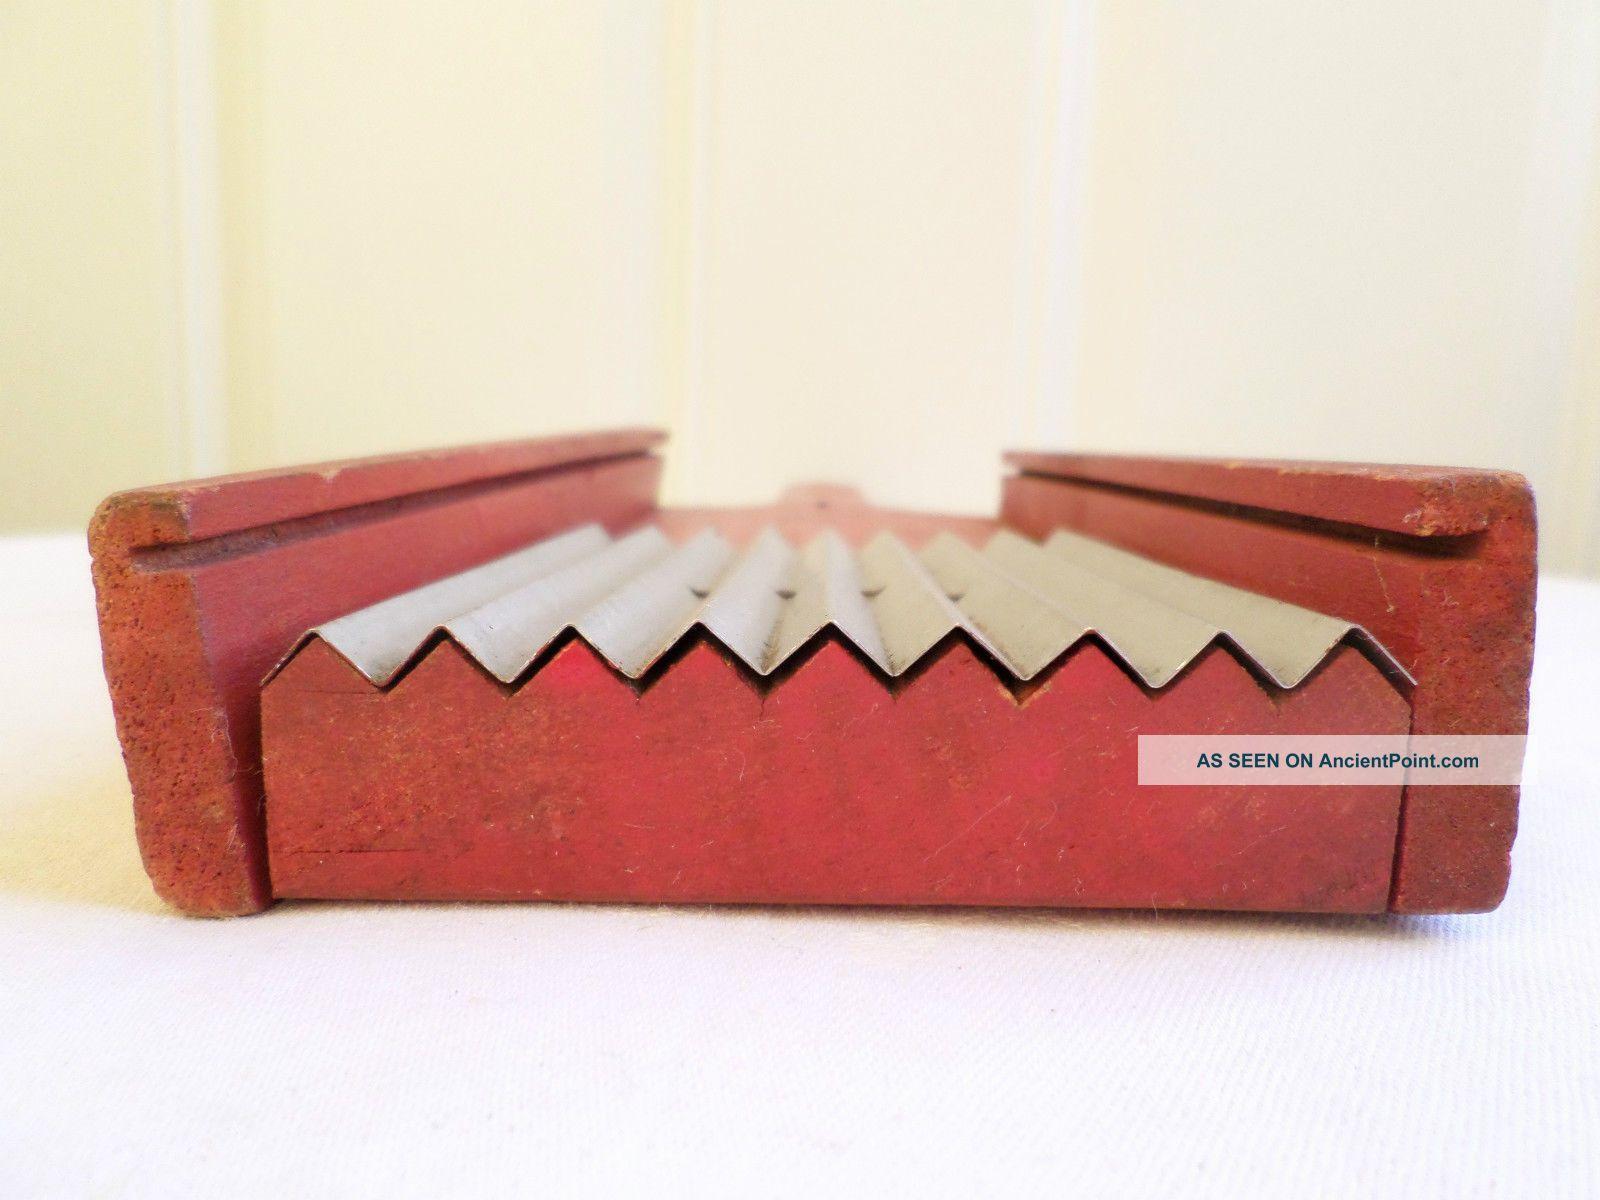 Vintage Metal Wood Hand Held Vegetable Slicer Shredder Kitchen